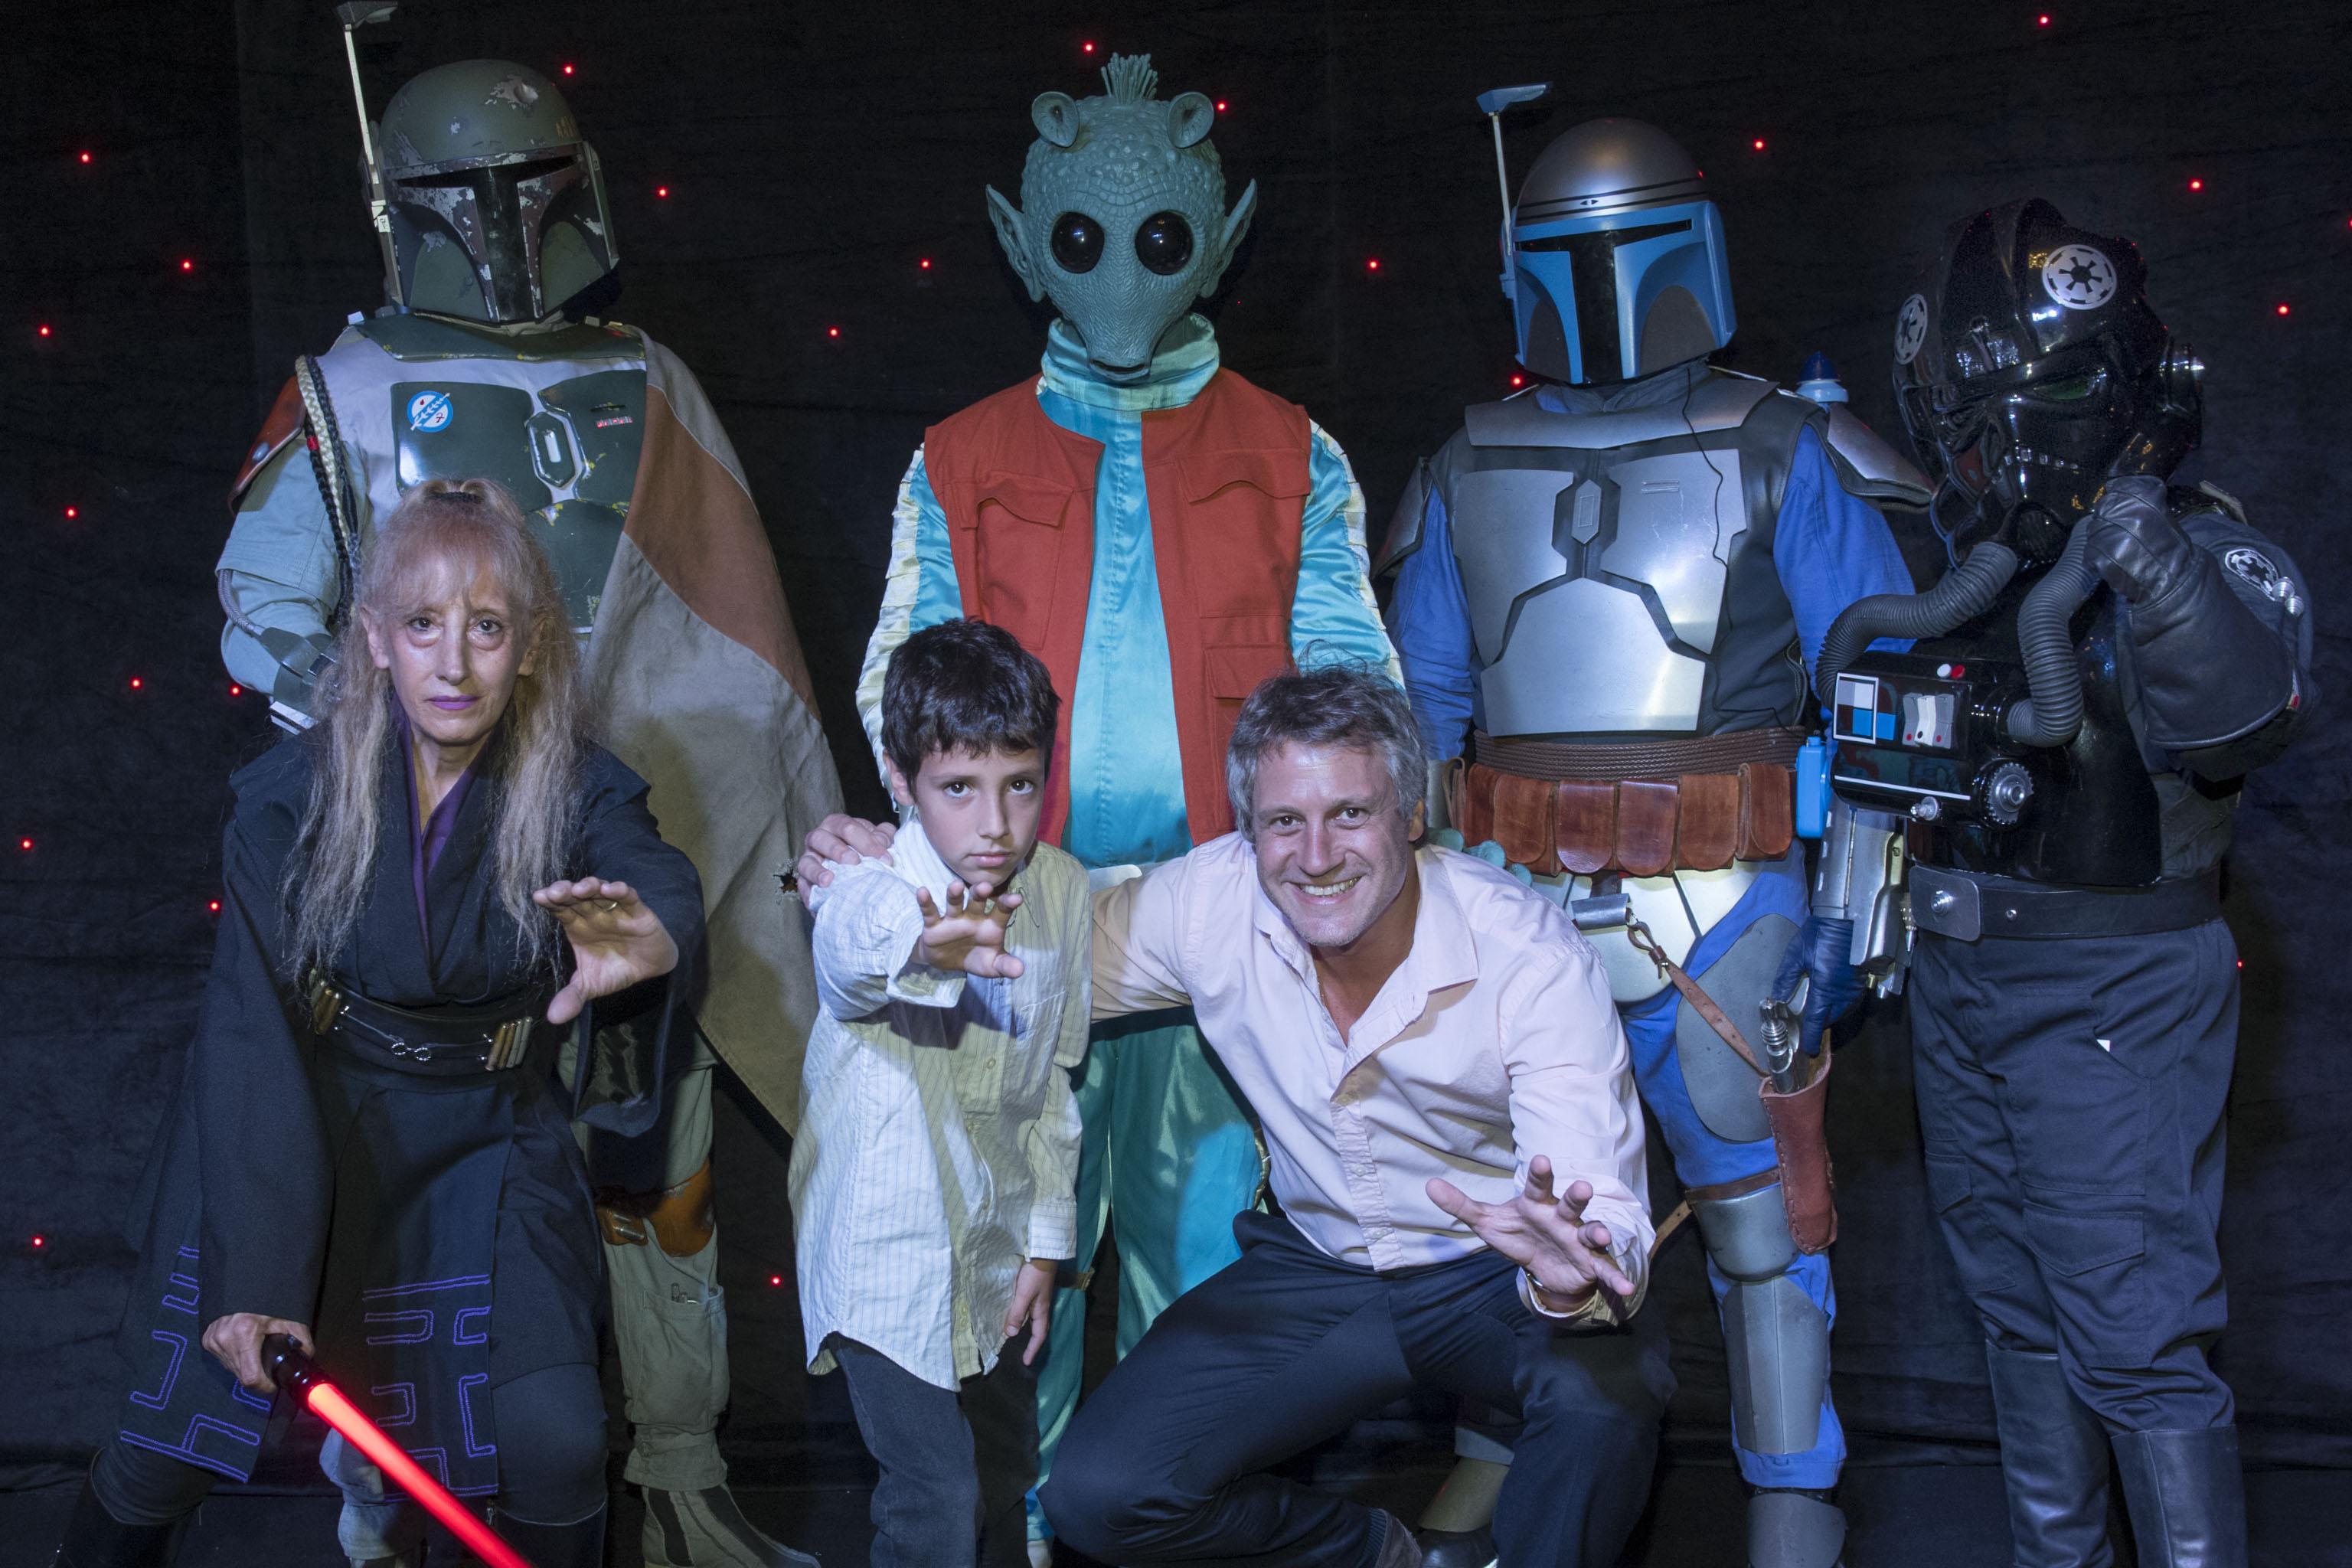 Felipe Miguel, jefe de Gabinete porteño, junto a su hijo y los personajes de Star Wars